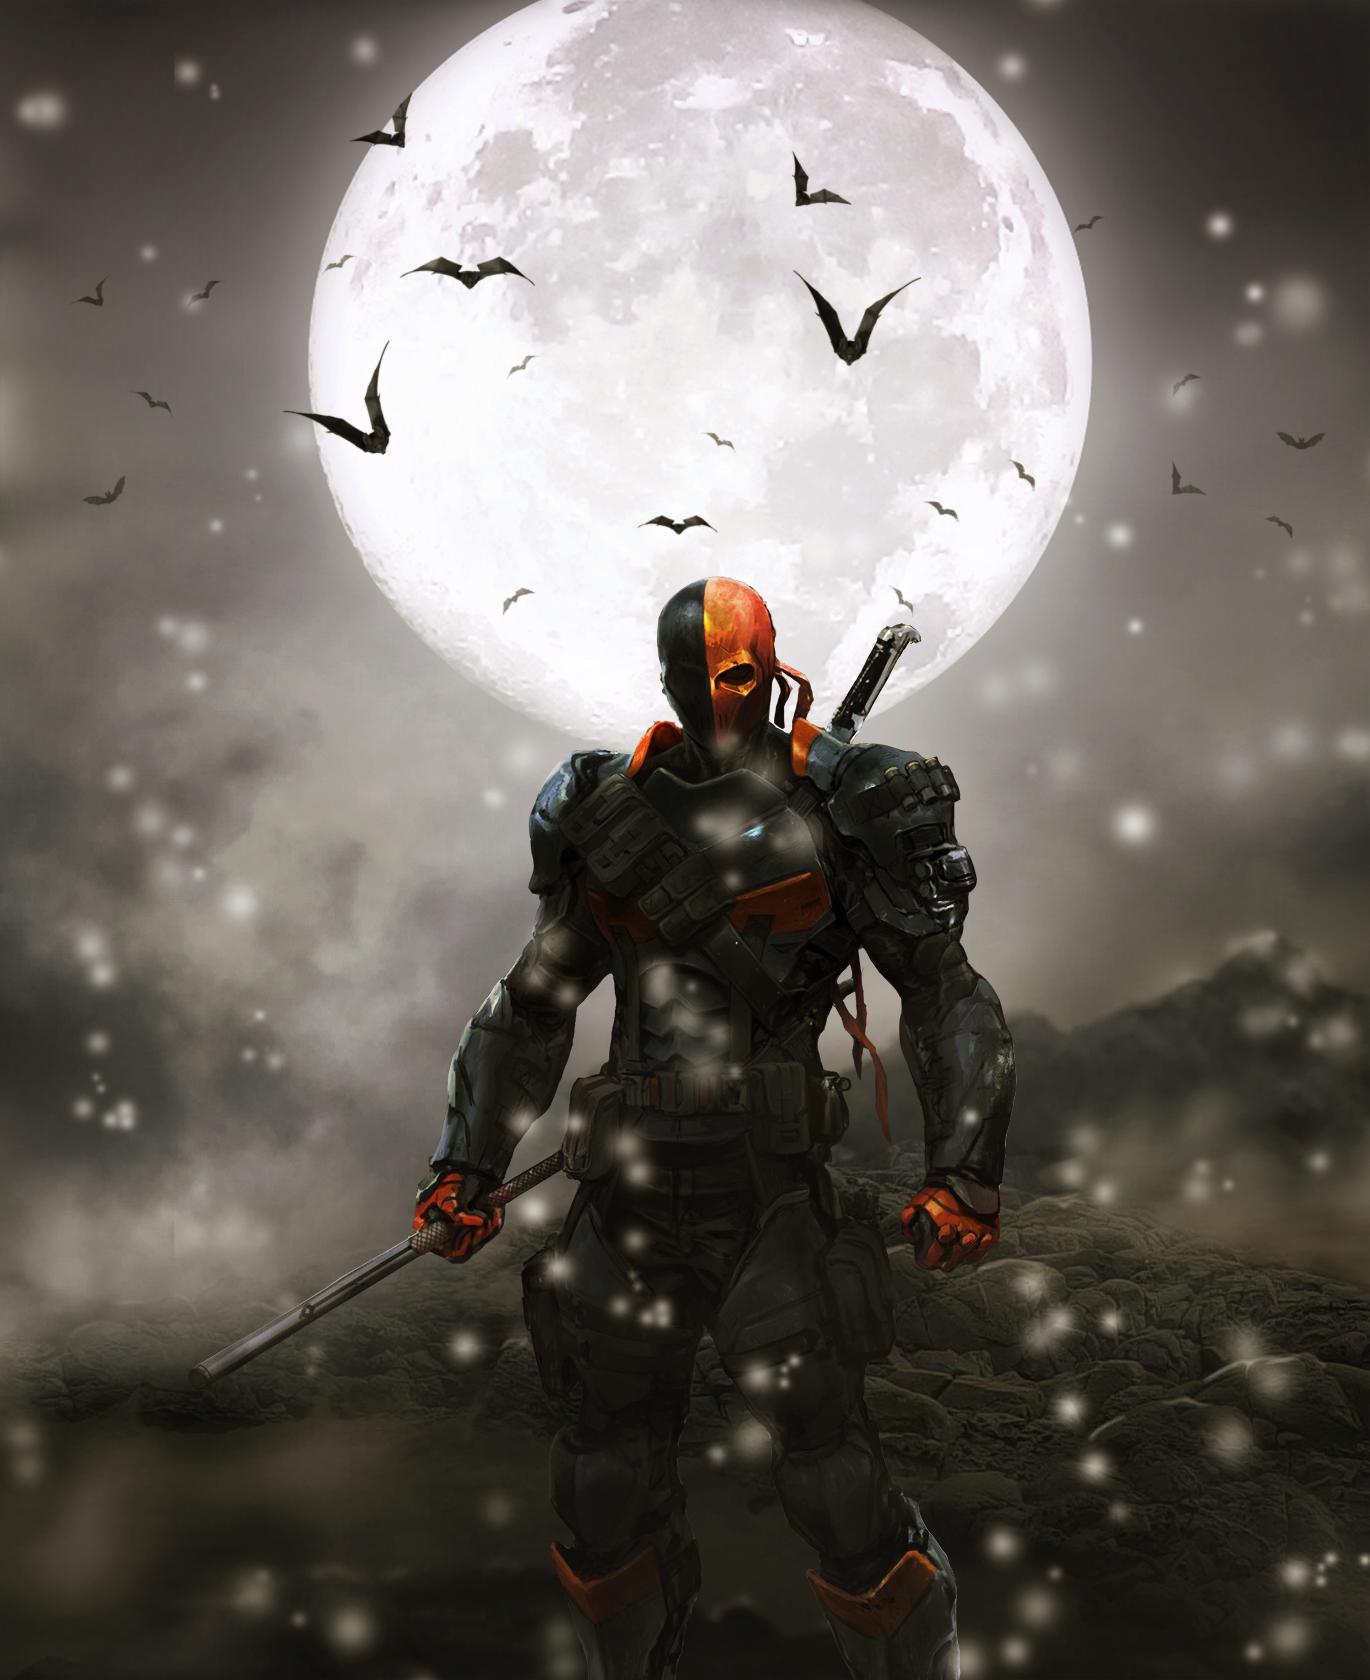 Video Games Nature Snow Moon Bats DC Comics Green Arrow Deathstroke Batman Arkham Origins Darkness Screenshot